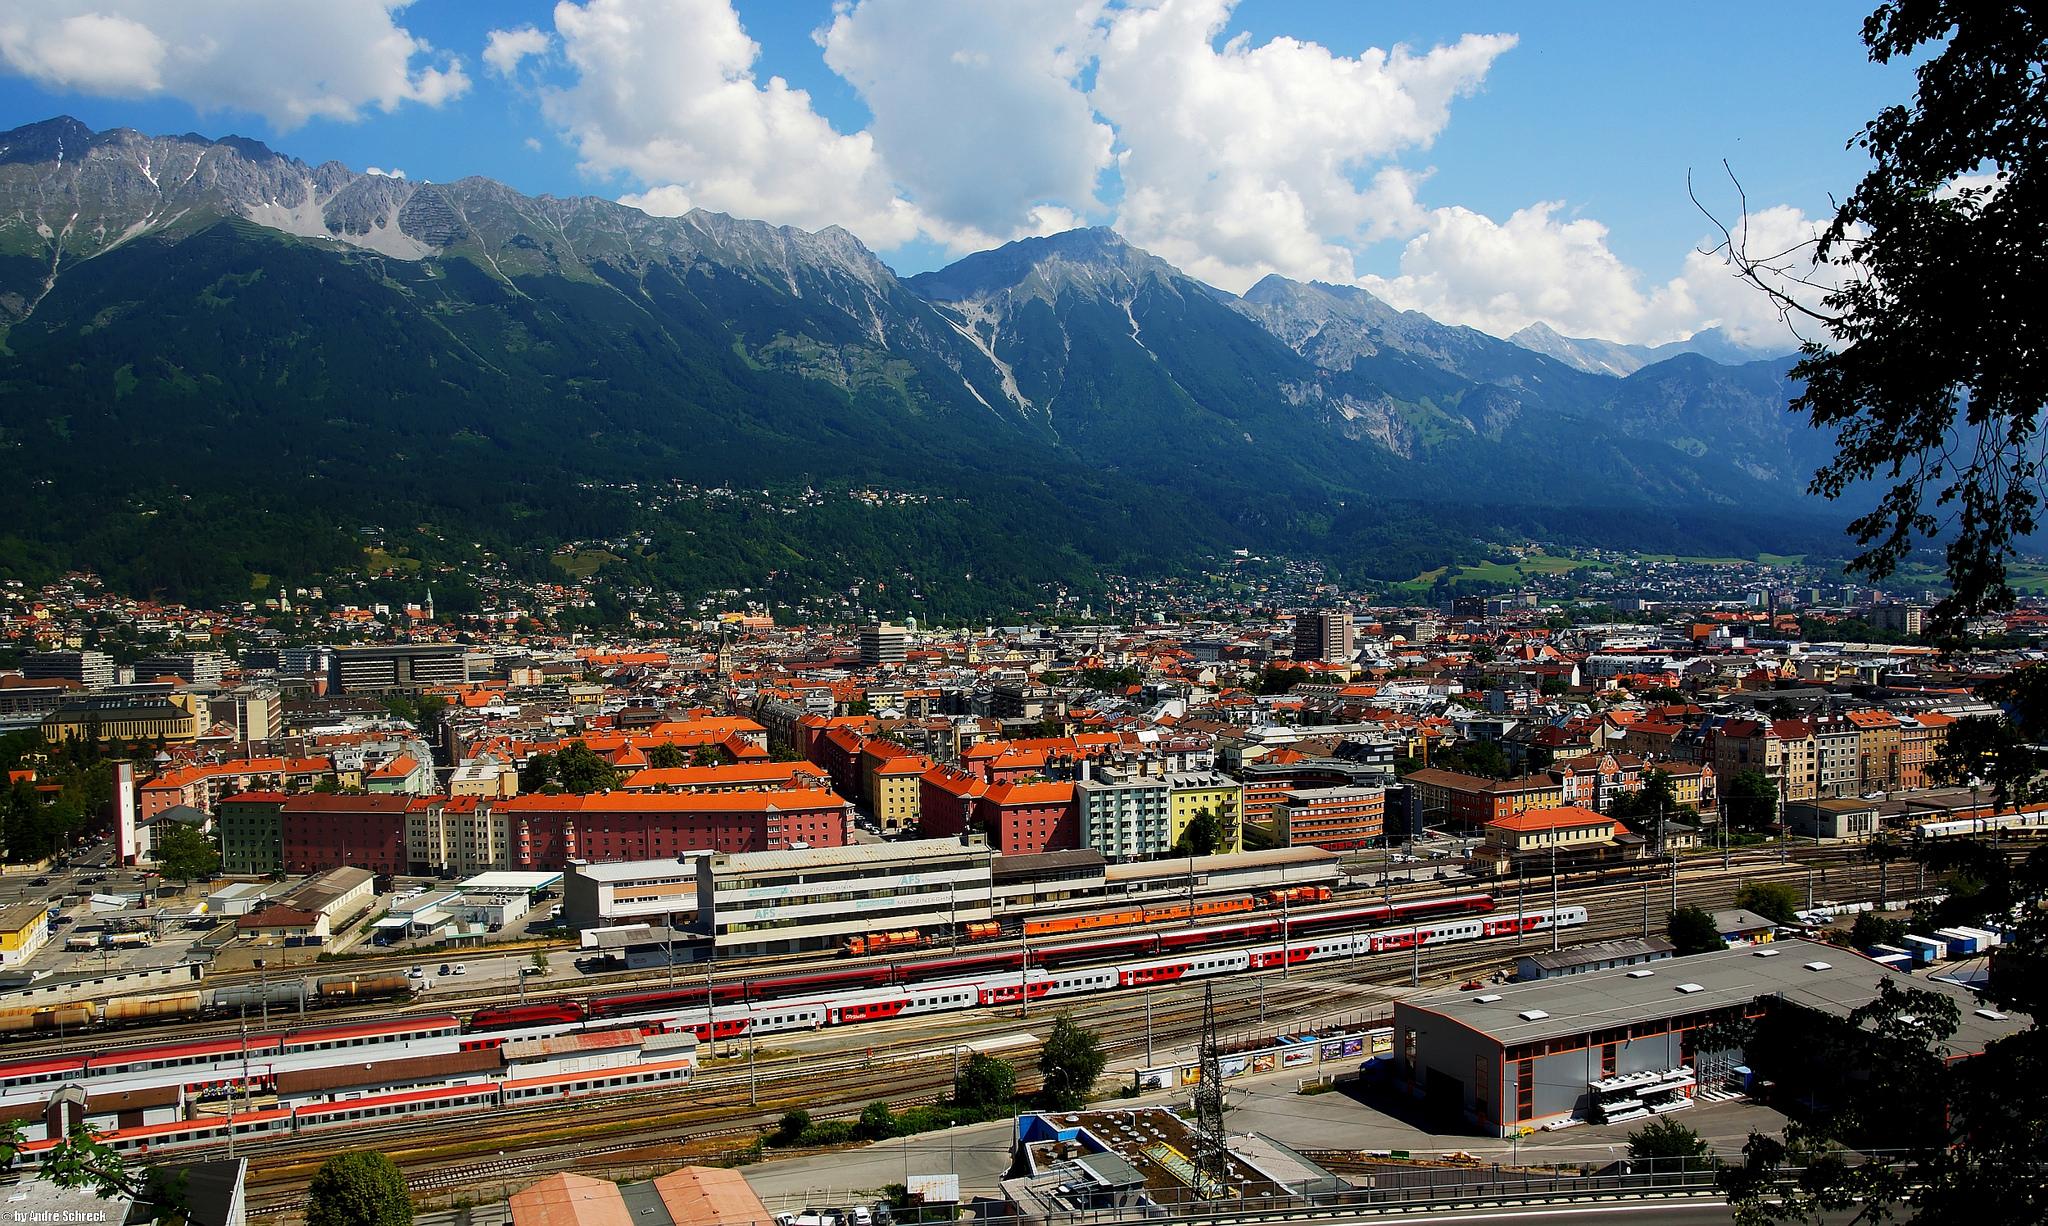 Innsbruck met op de voorgrond het station ©xommandcity